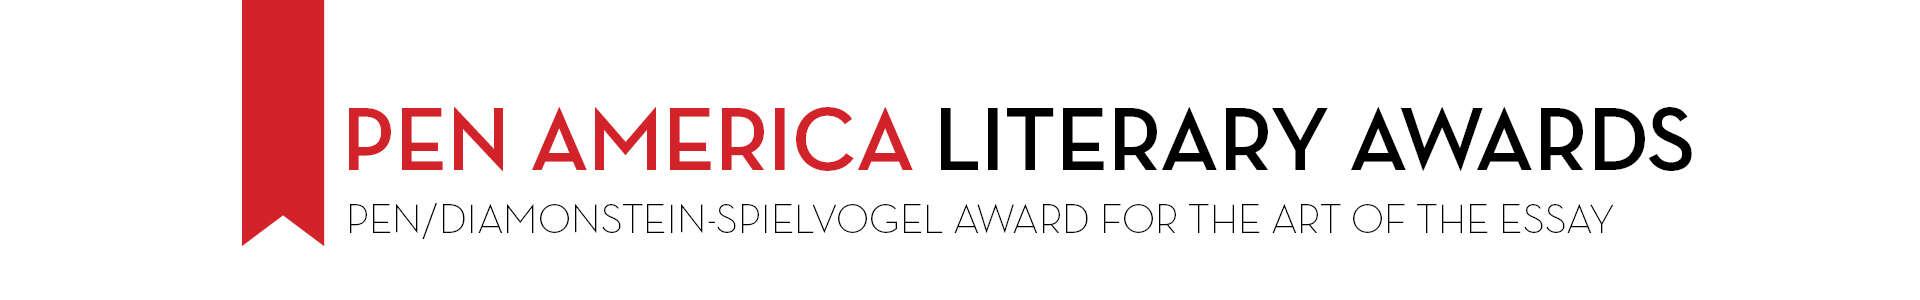 PEN/Diamonstein-Spielvogel Award for the Art of the Essay